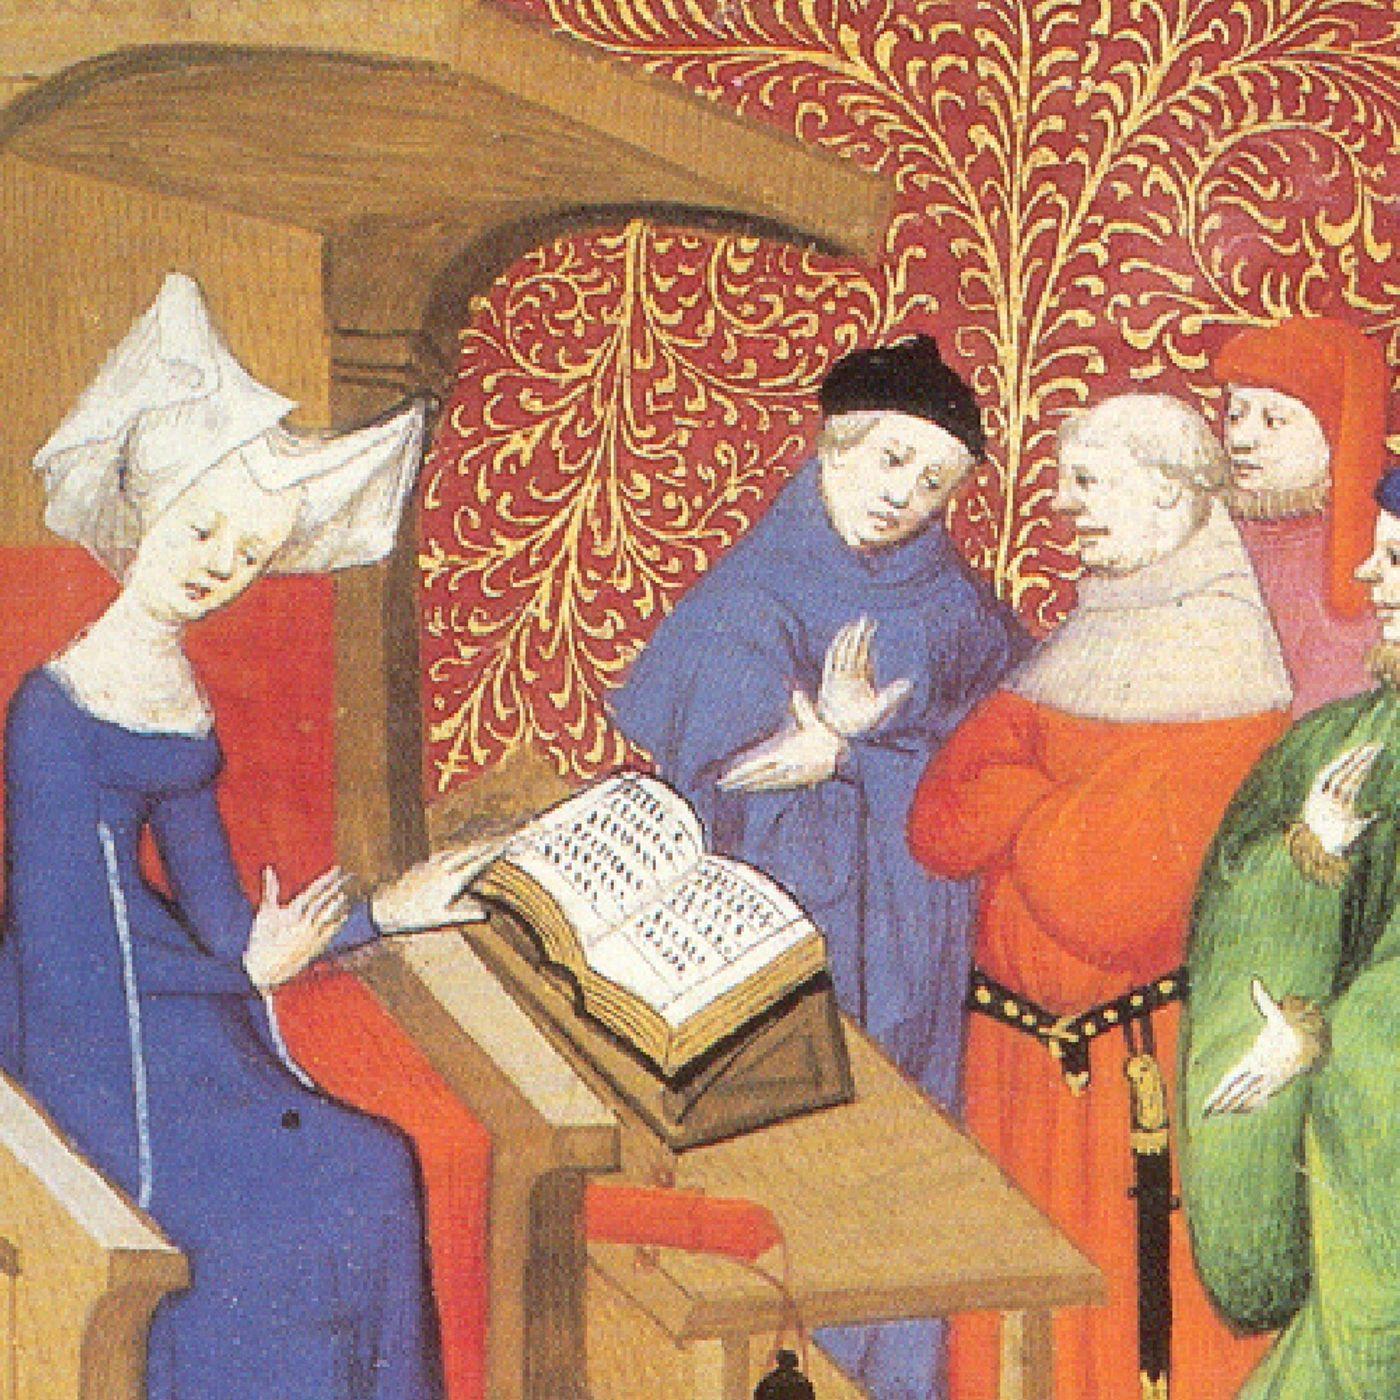 Christine de Pizan - Come pensava una donna nel Medioevo? (Sarzana, 2012 #2) [VERSIONE CORRETTA]